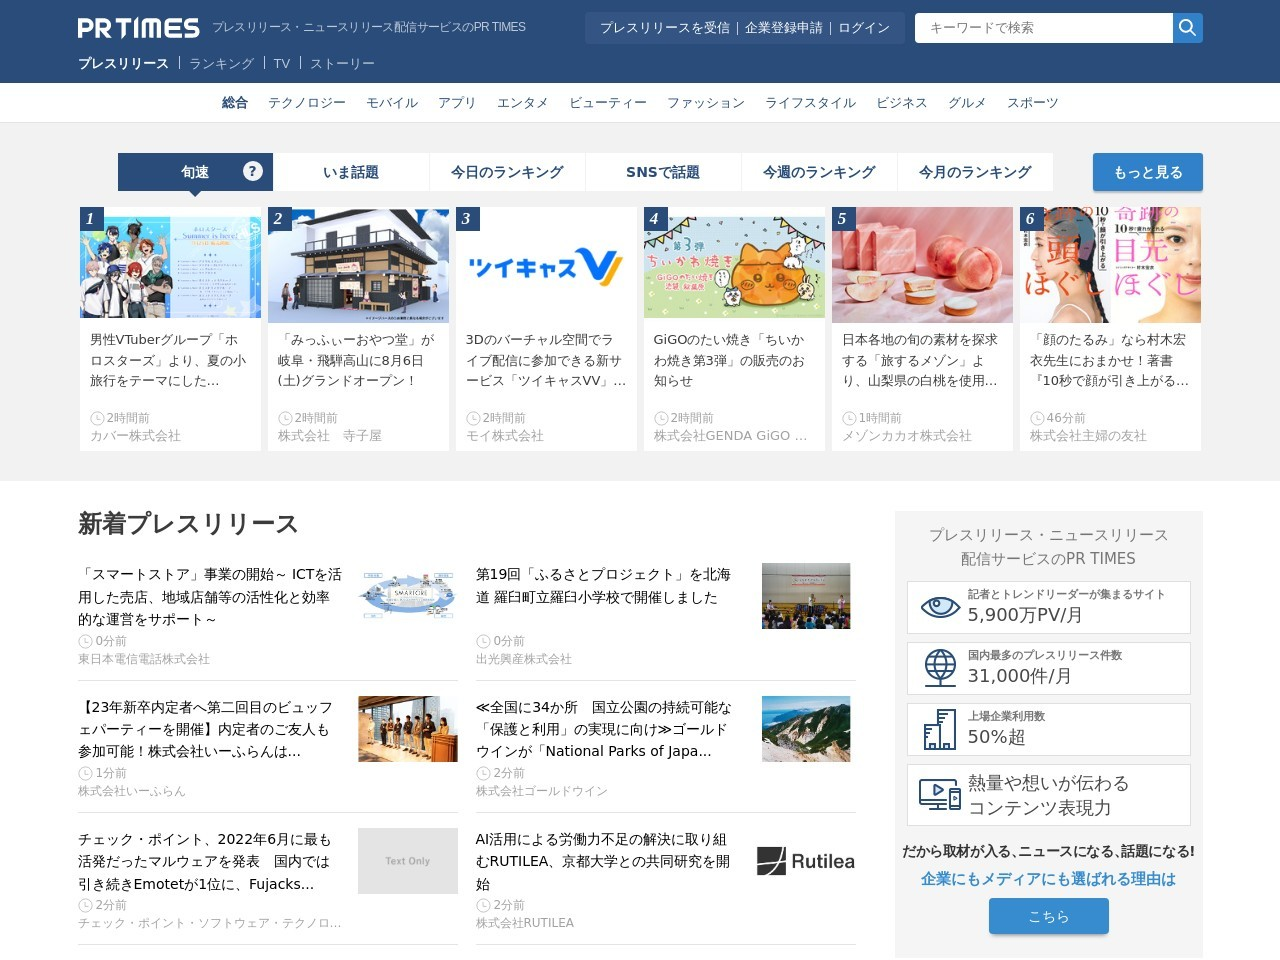 フォーブス ジャパンが「日本の起業家ランキング2020」受賞者を表彰